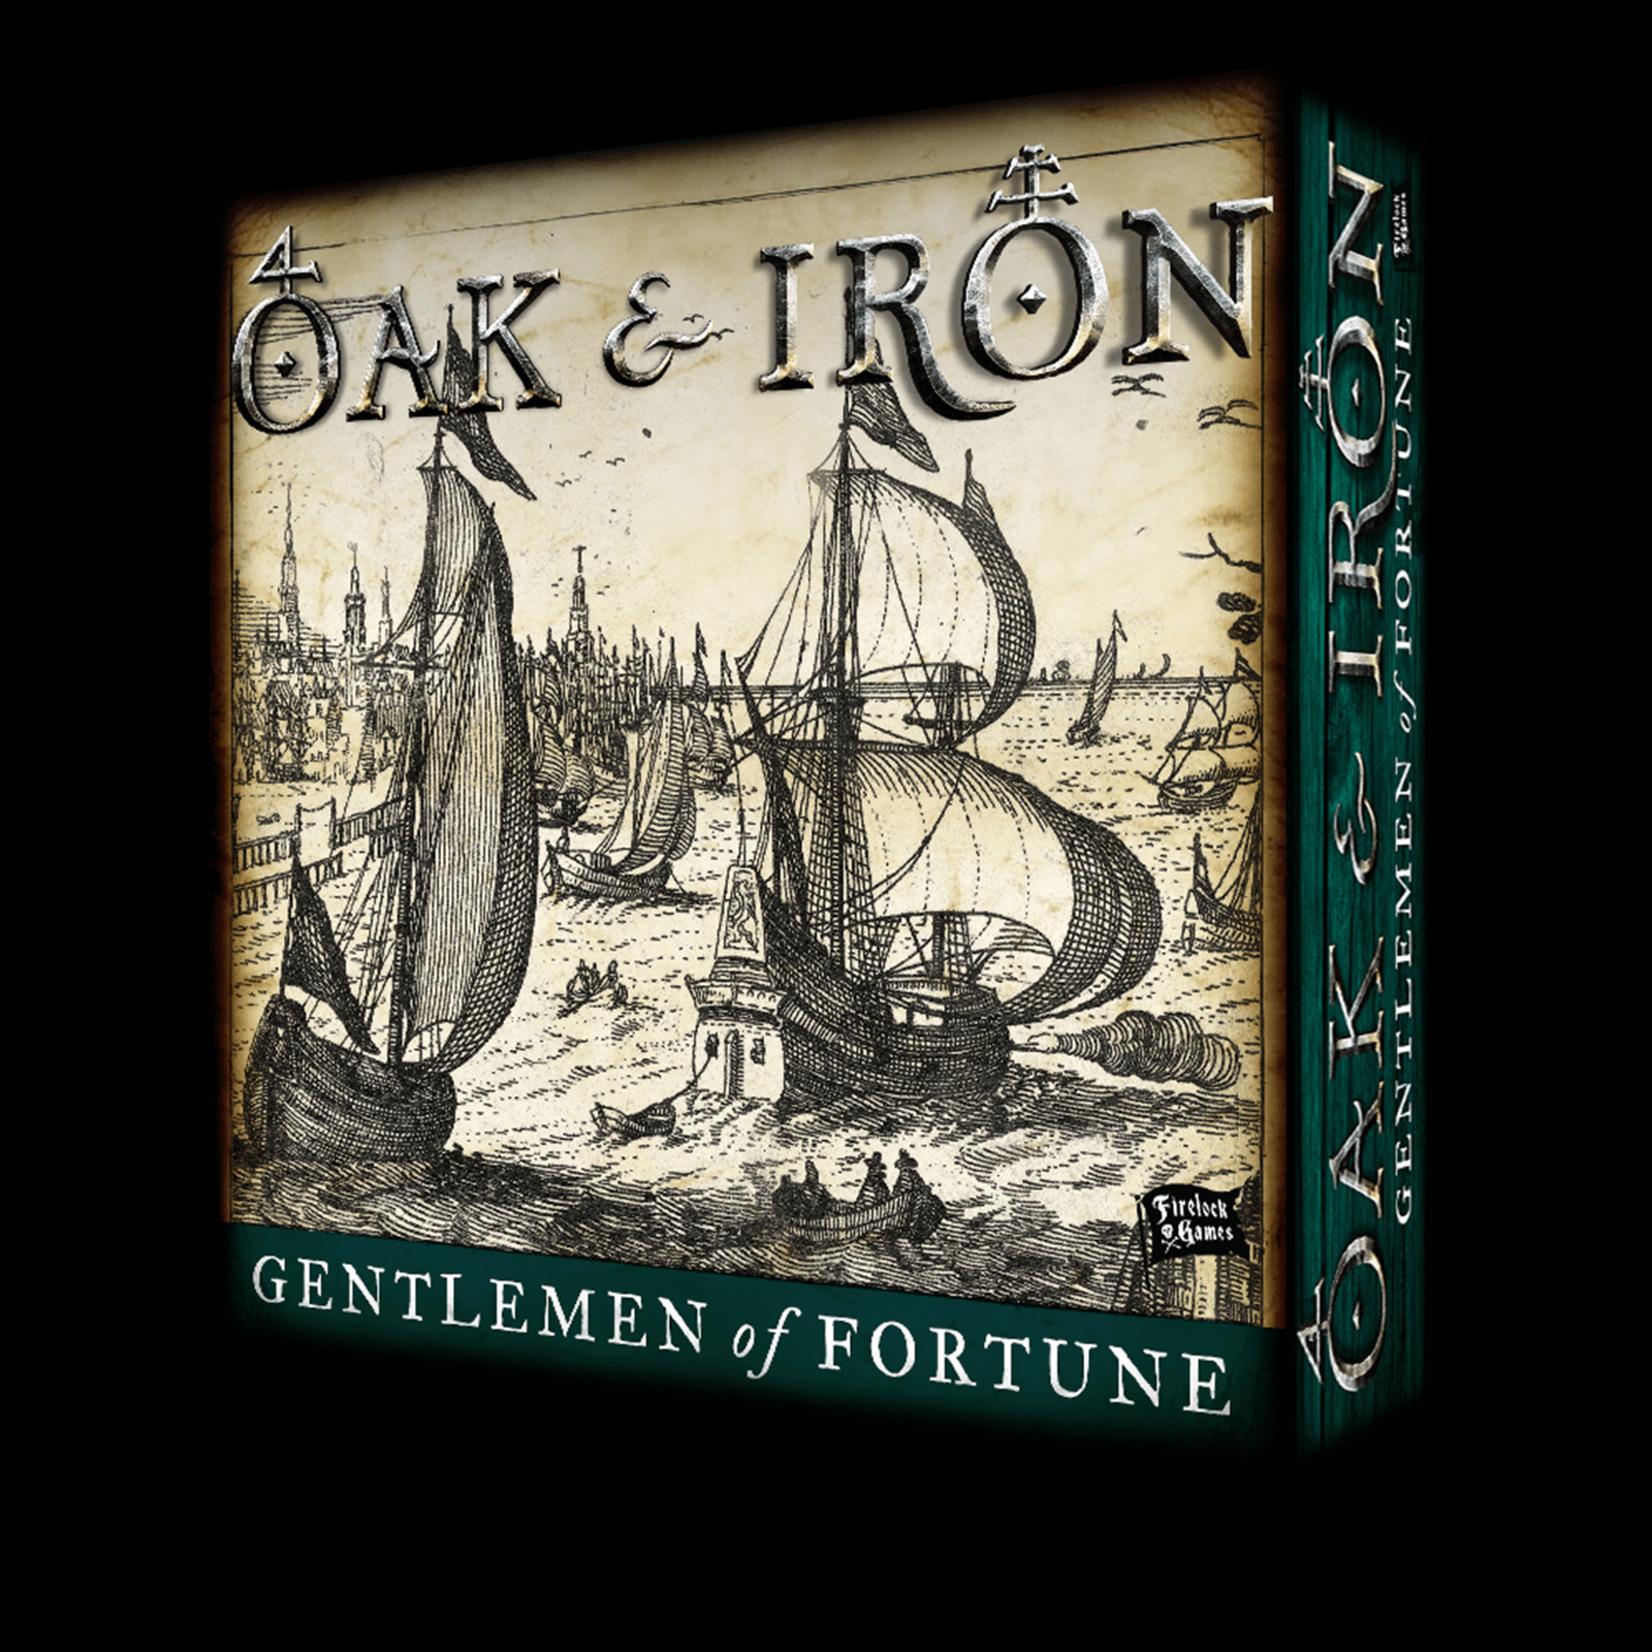 OAK & IRON GENTLEMEN OF FORTUNE